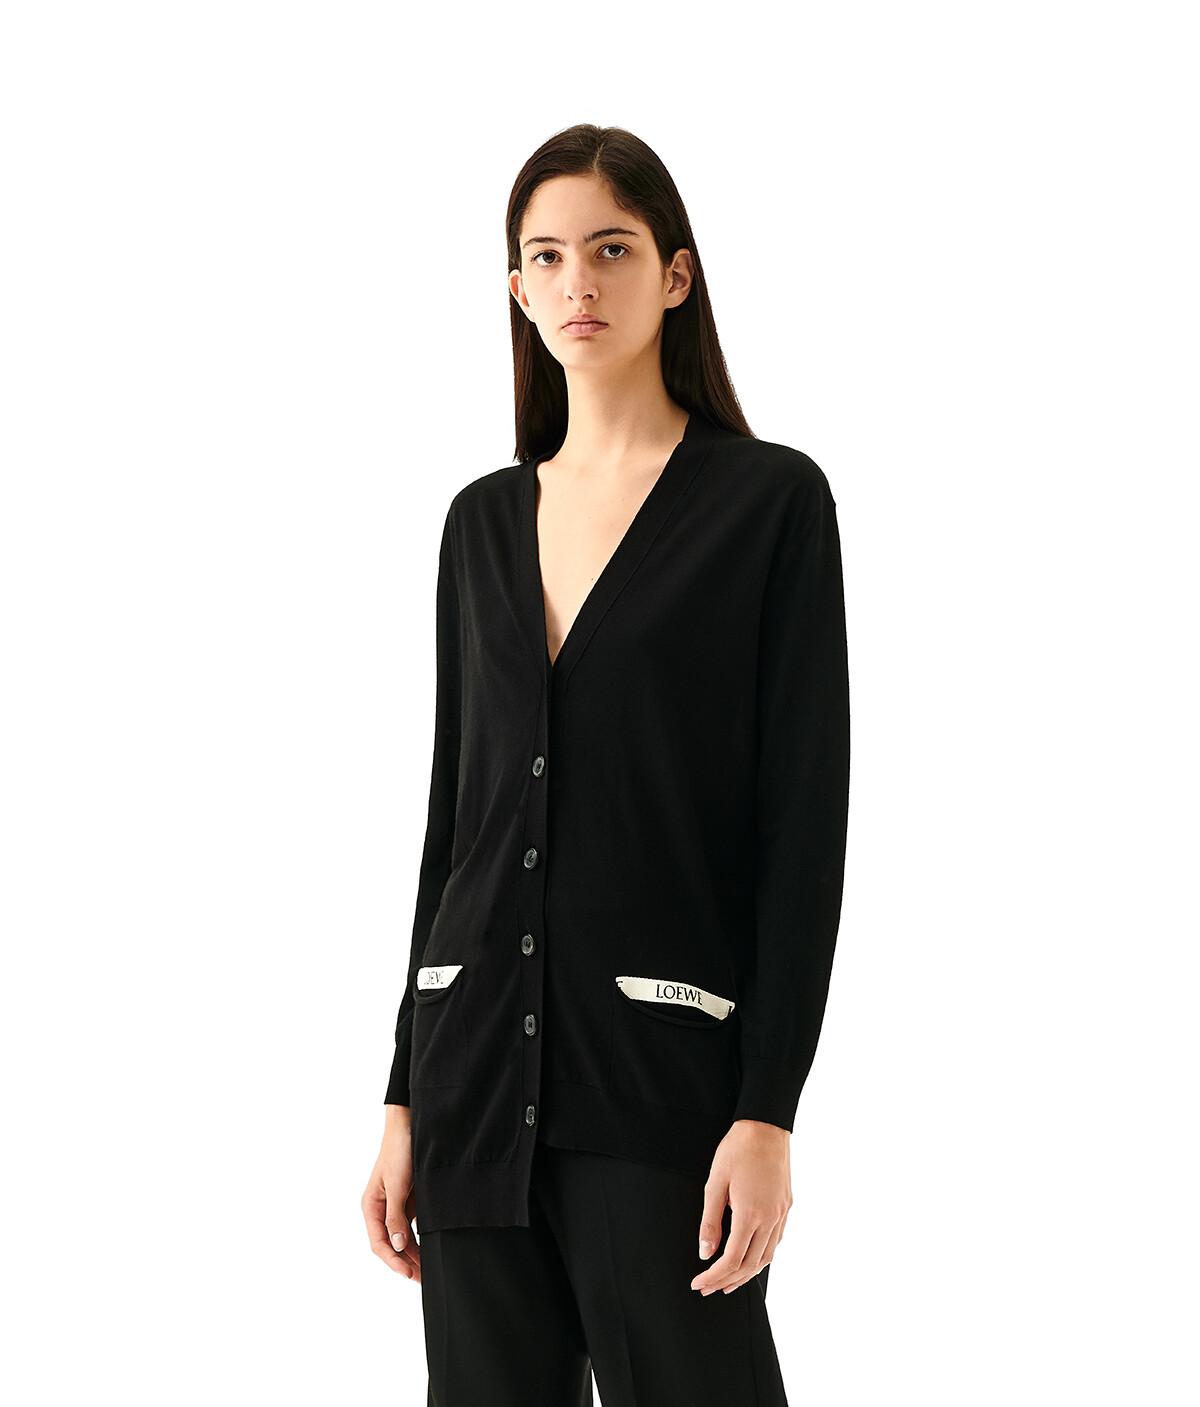 LOEWE Asymmetric Loewe Cardigan Black front